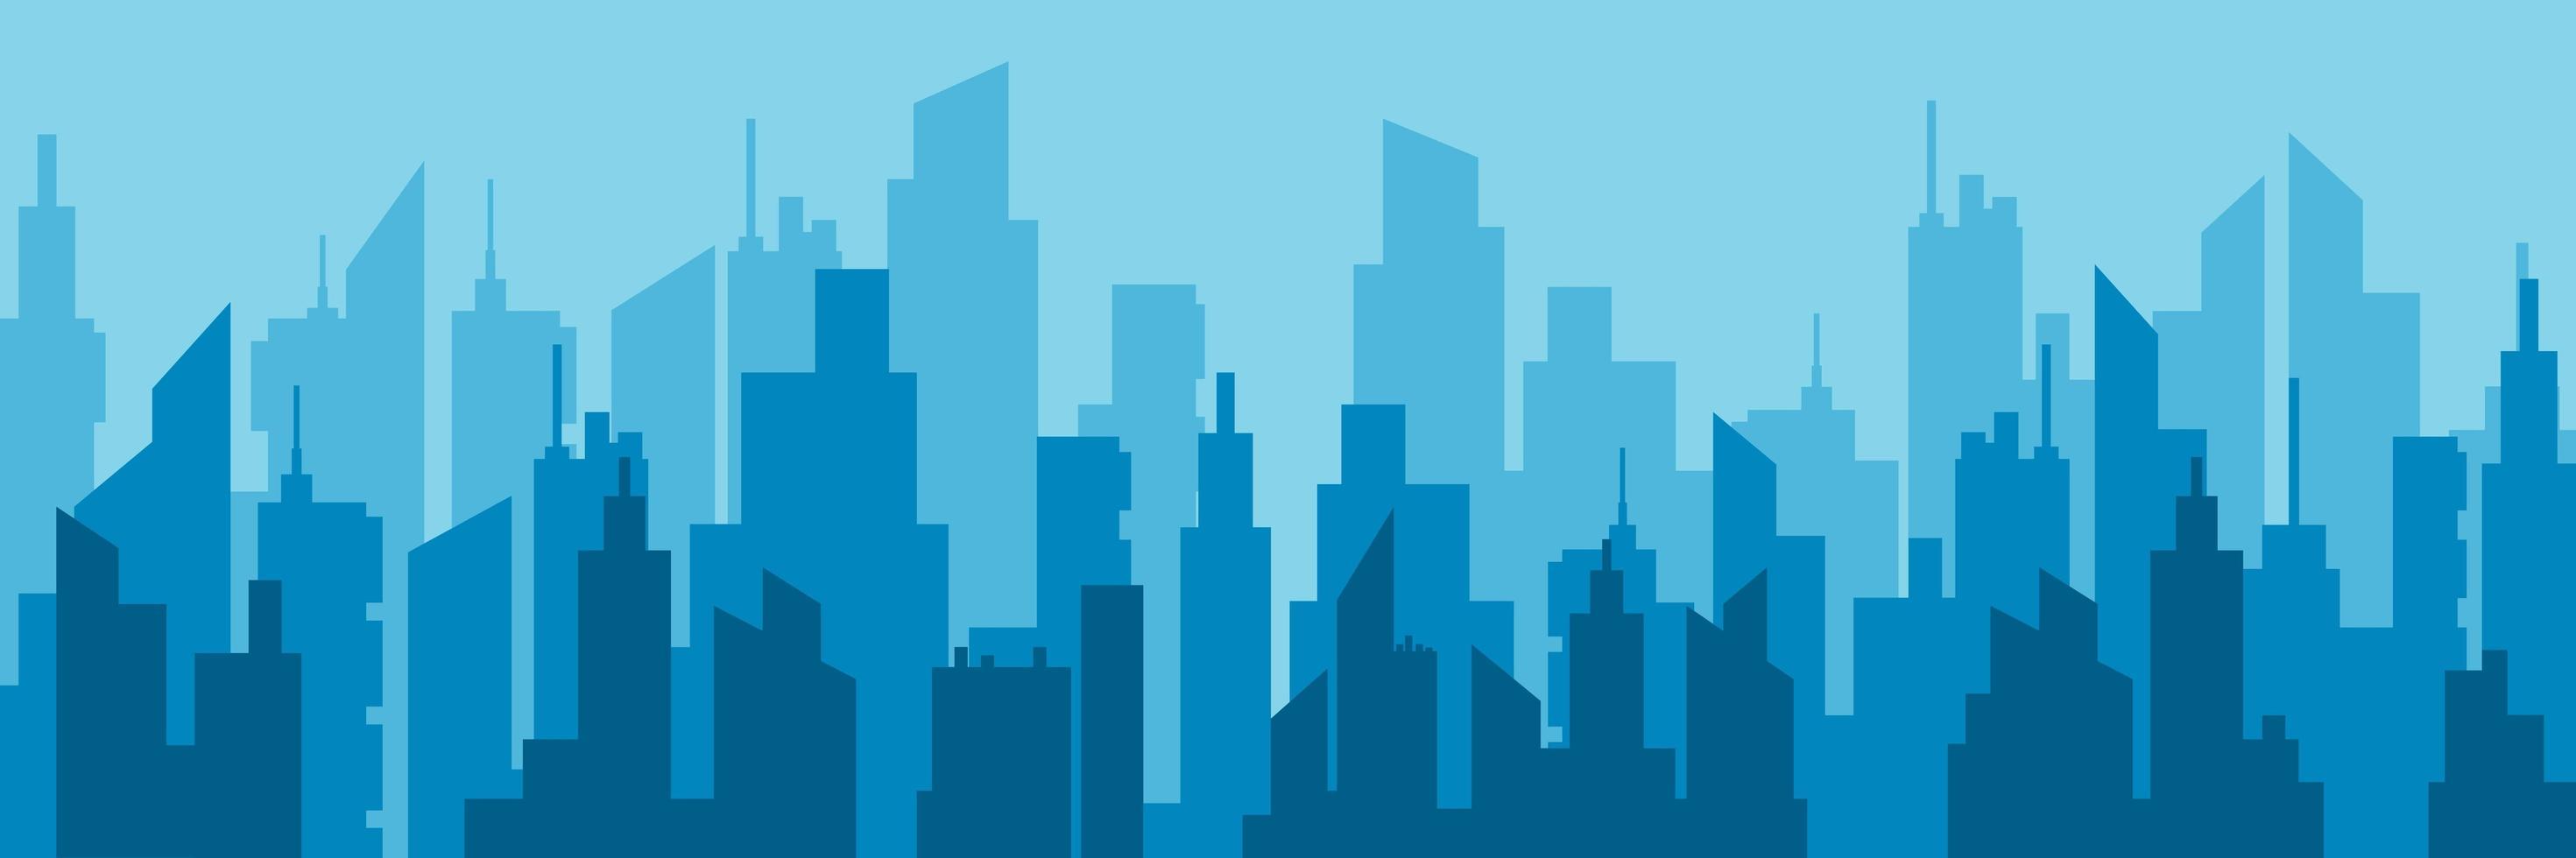 skyline della città blu orizzontale vettore